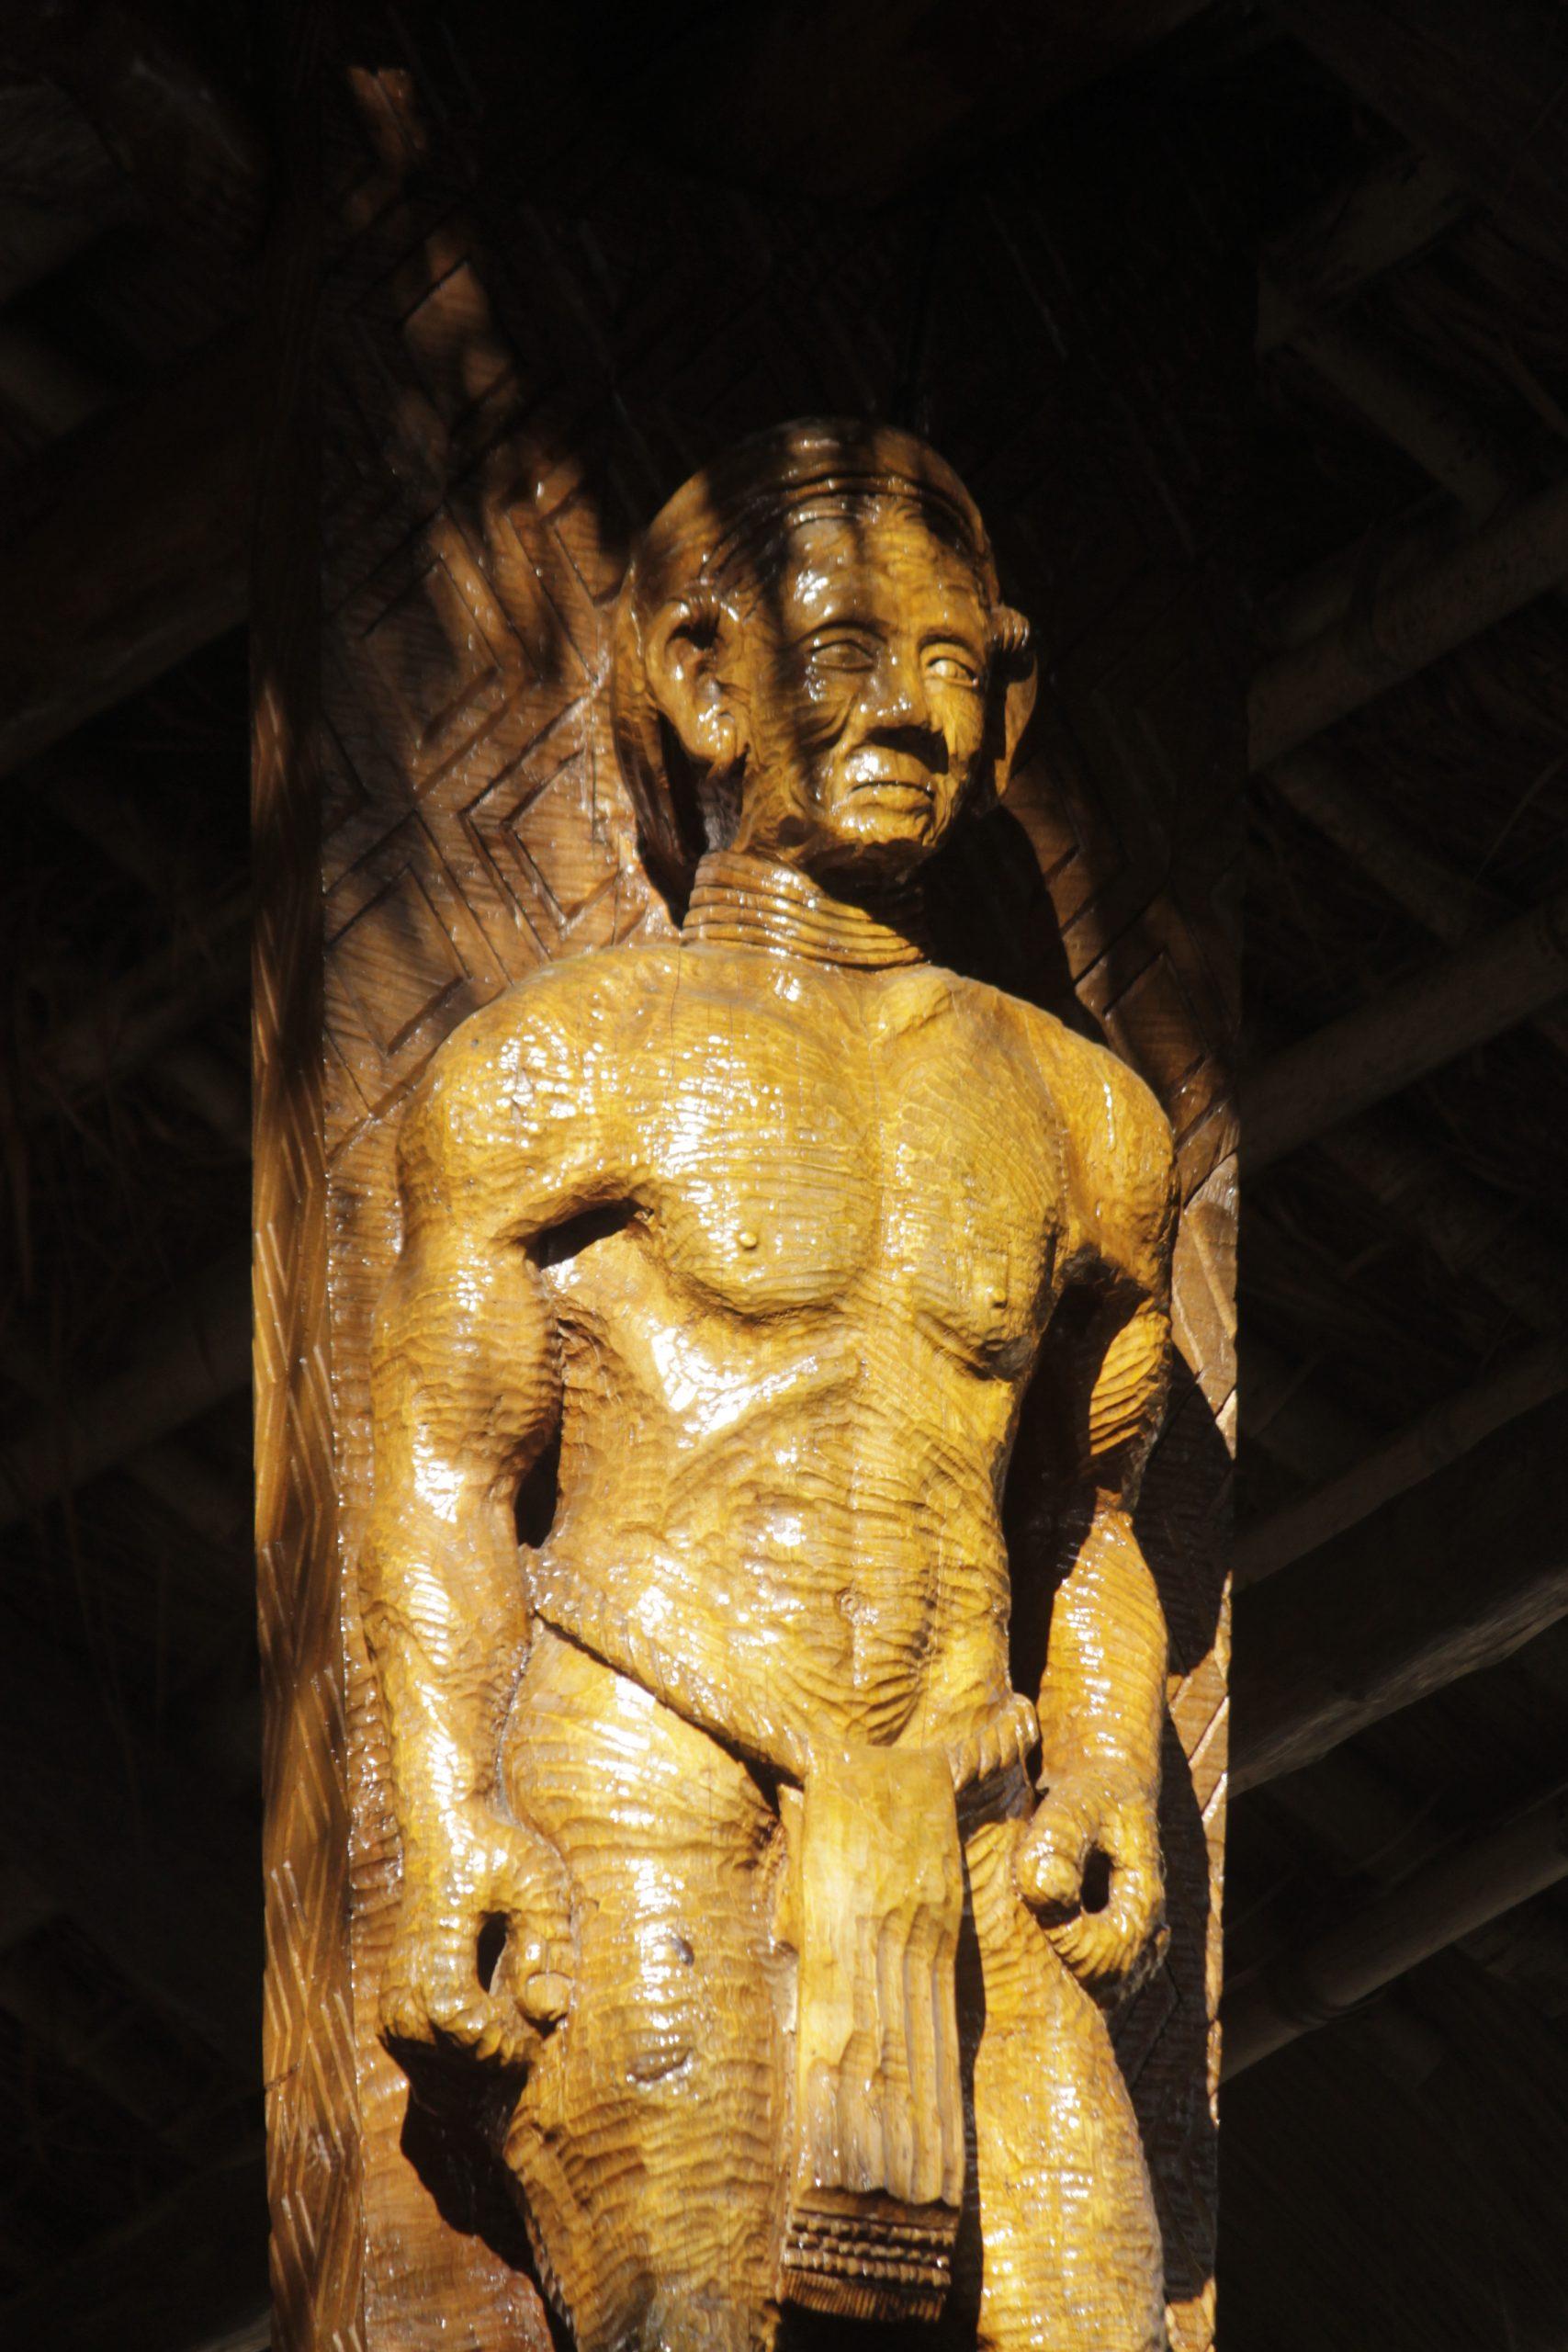 A wooden Sculpture